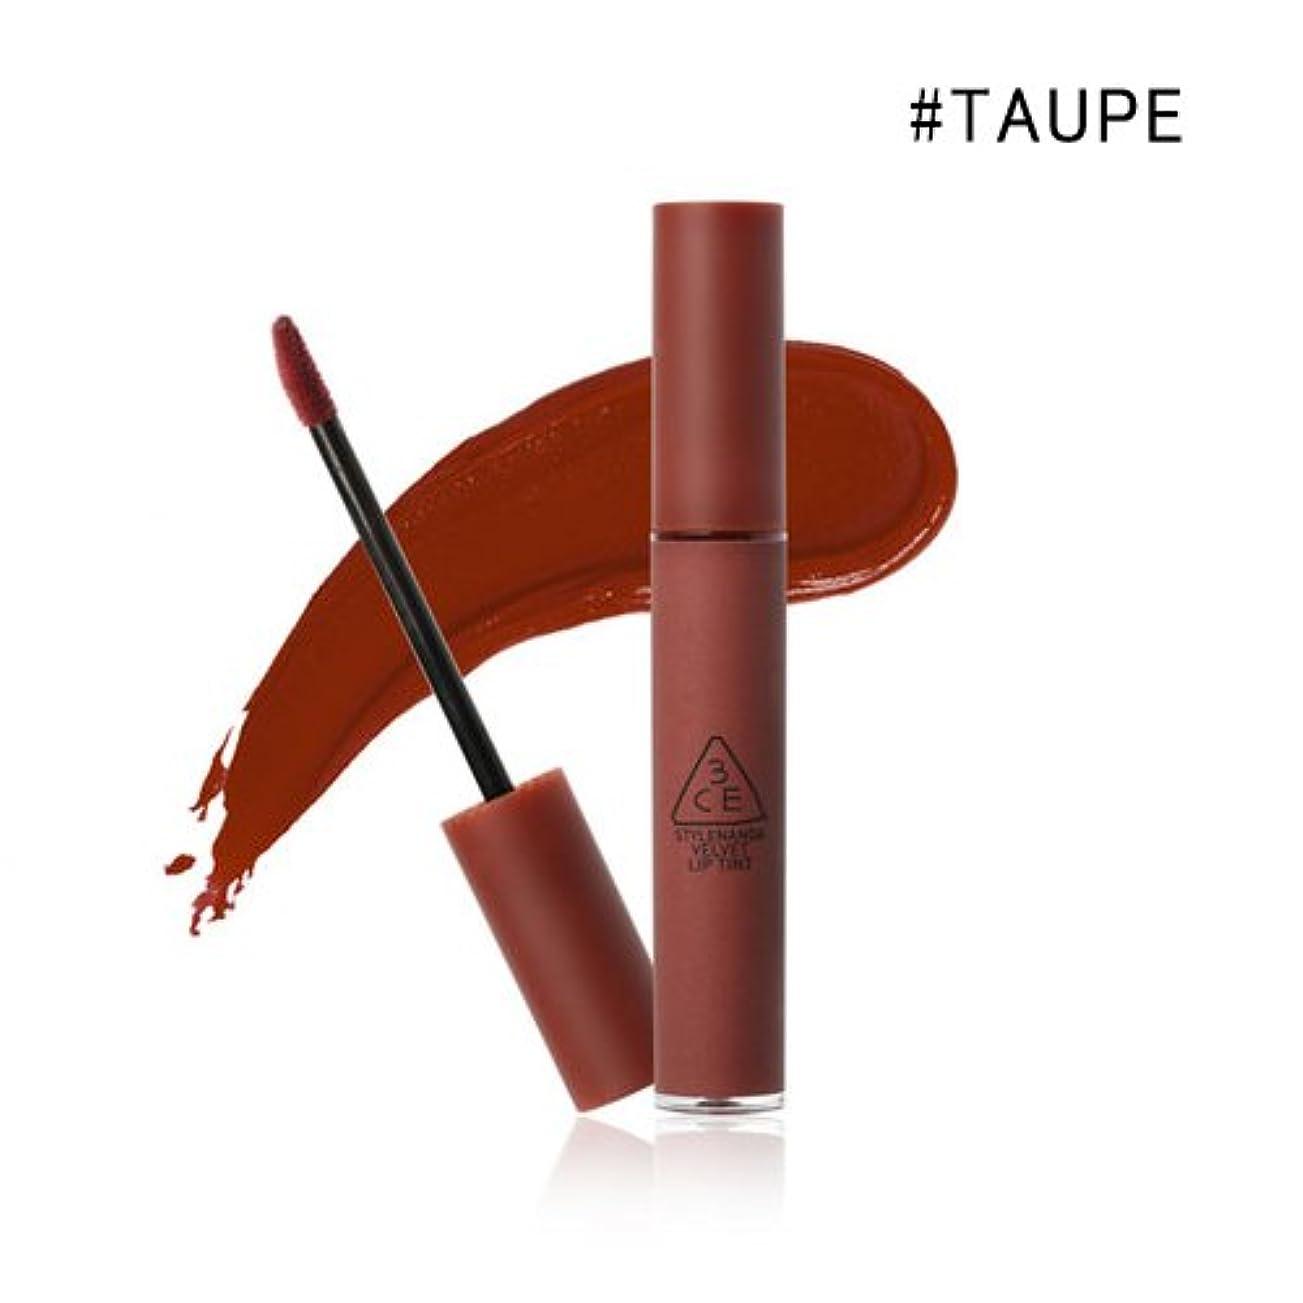 擁する見分けるマイル3CE VELVET LIP TINT / ベルベット リップティント (4.0g) (#TAUPE)